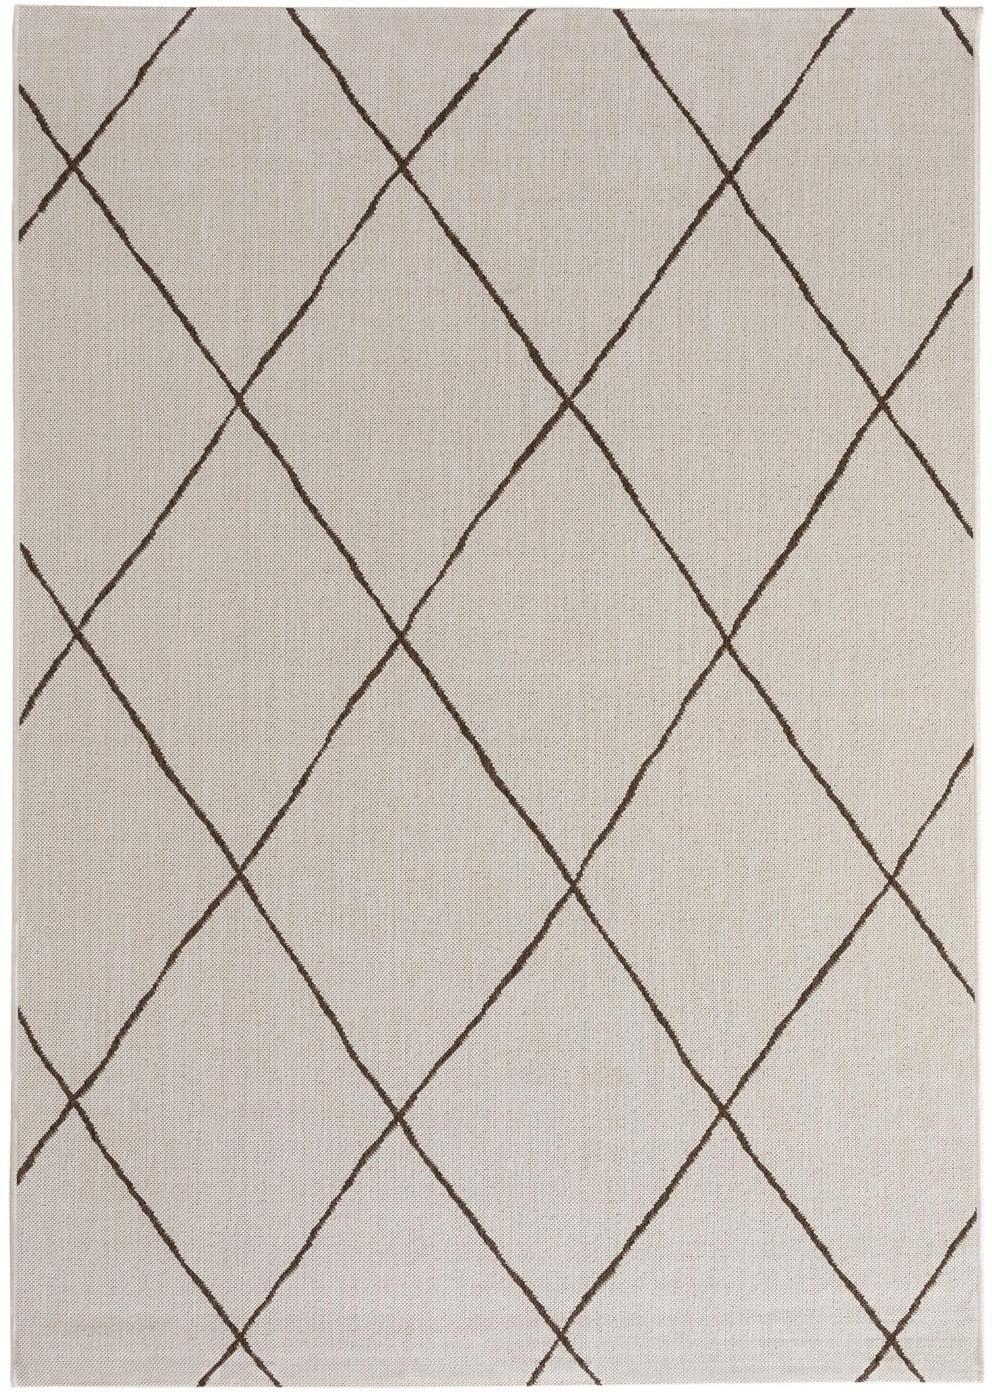 In- & Outdoor-Teppich Metro Check, 100% Polypropylen, Creme, B 80 x L 150 cm (Größe XS)